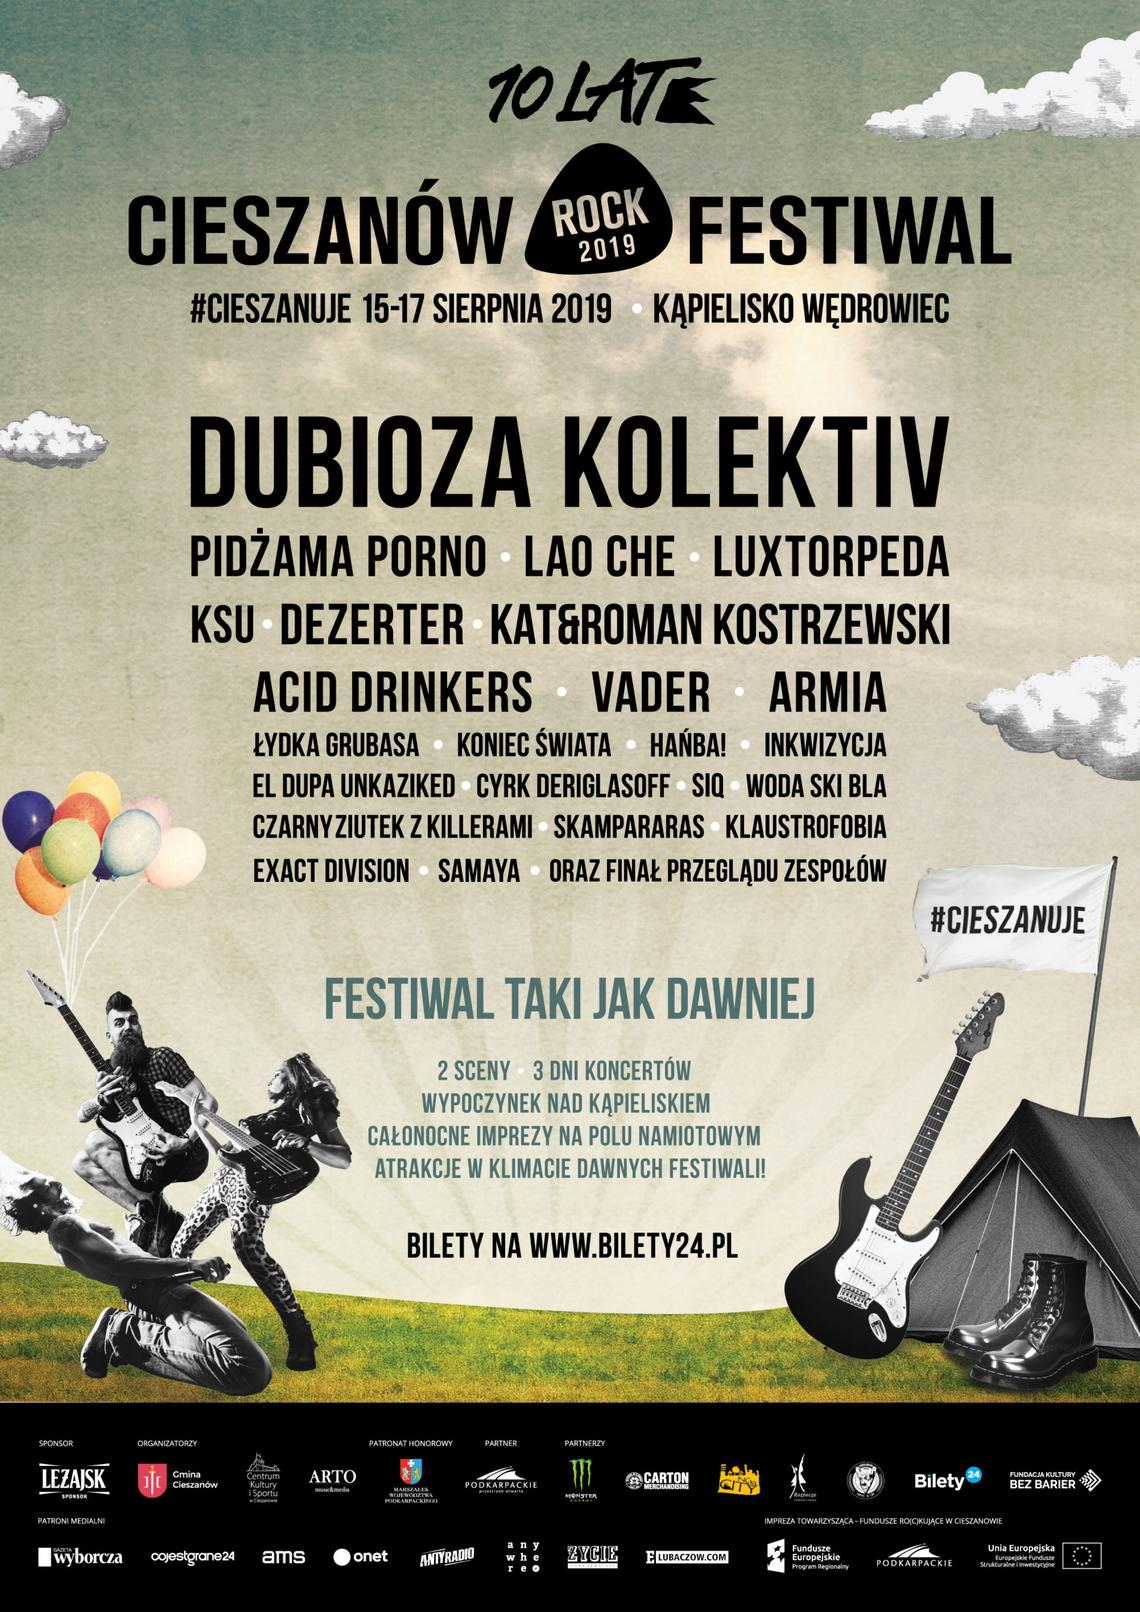 Plakat promujący Cieszanów Rock Festiwal